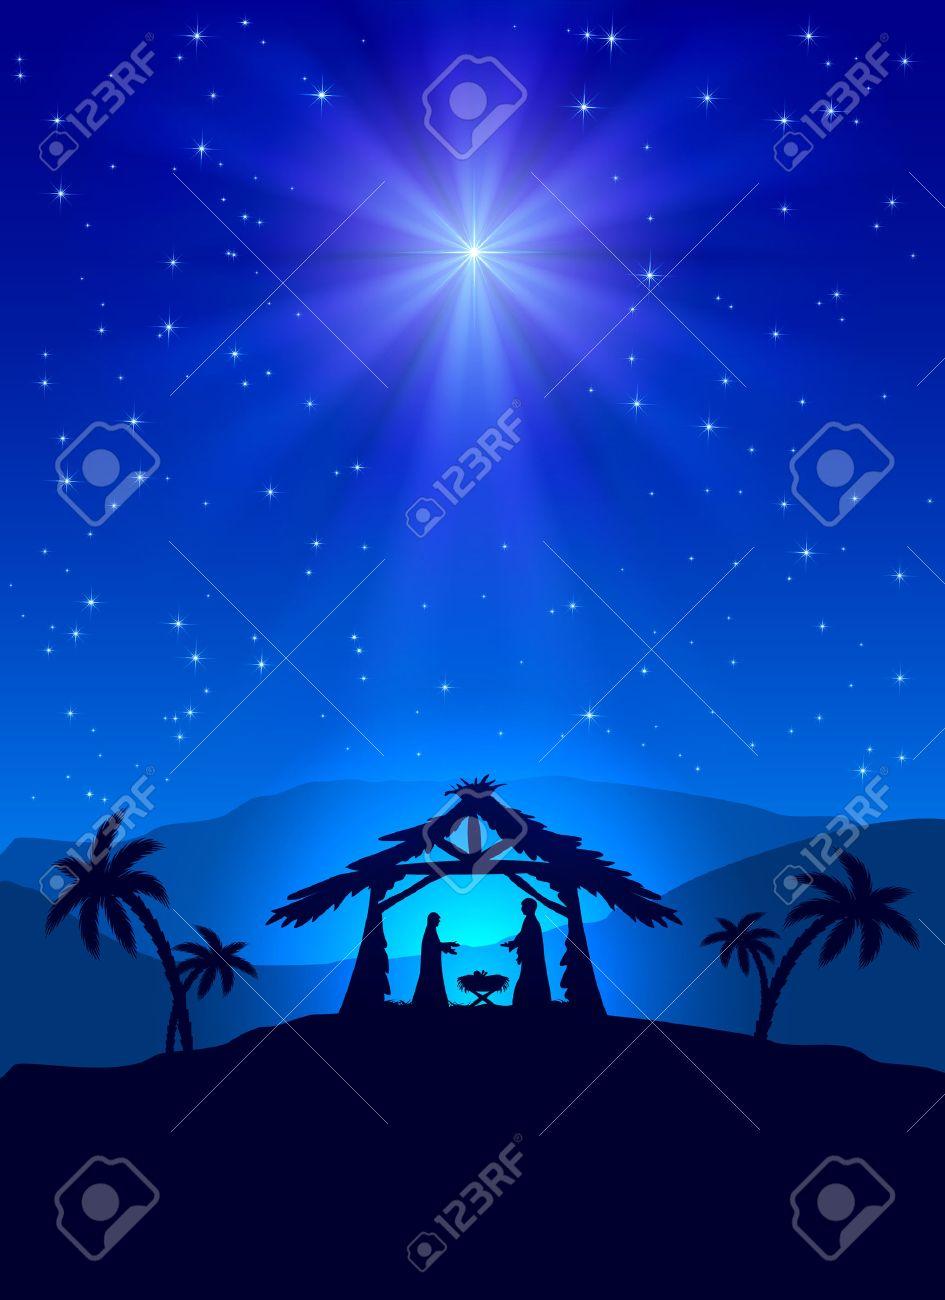 La Notte Di Natale.Christian Notte Di Natale Con La Stella Splendente E Gesu Illustrazione